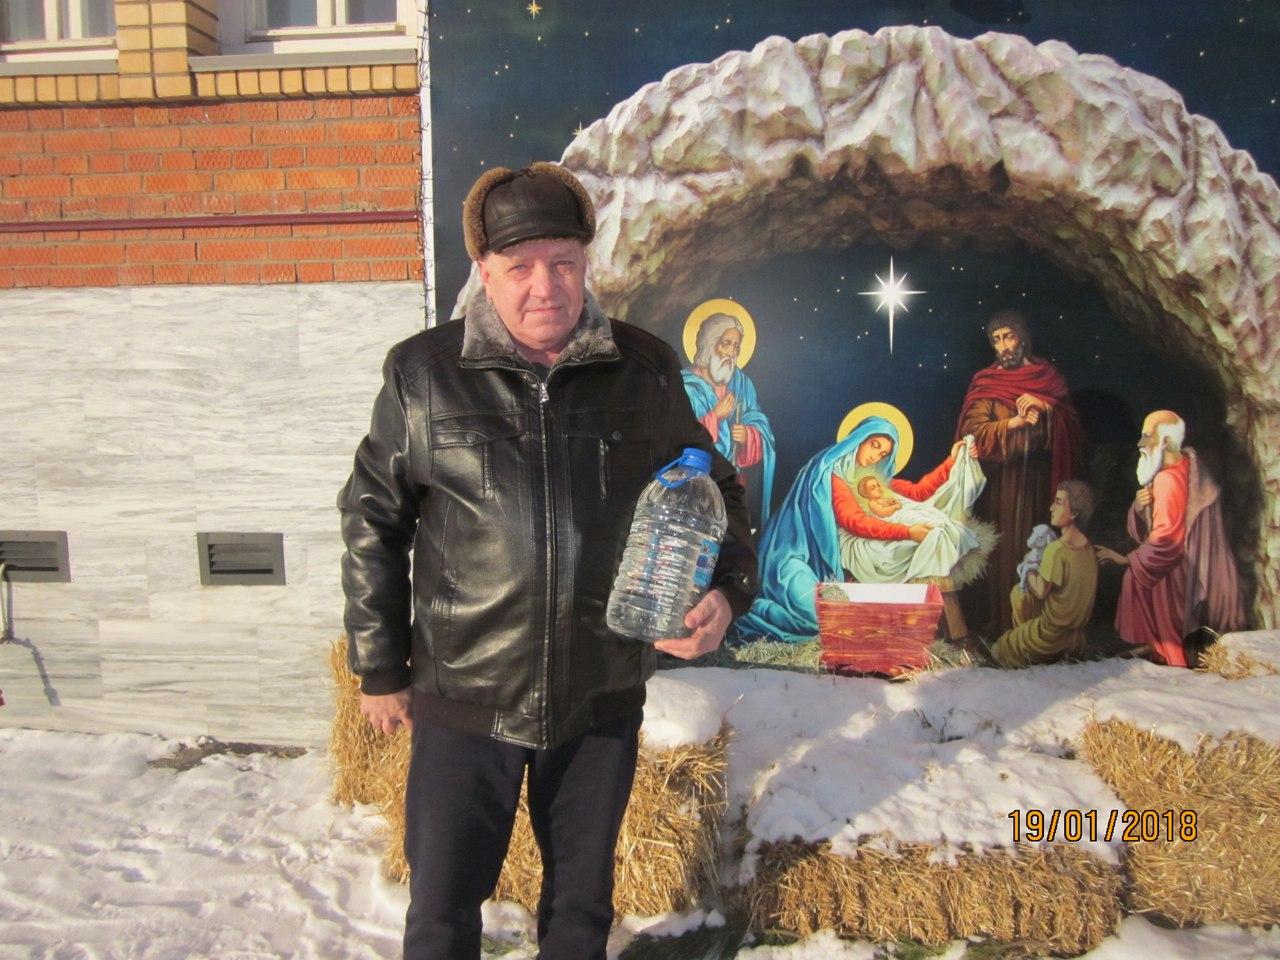 Сергей Ишмаев, Димитровград - фото №4